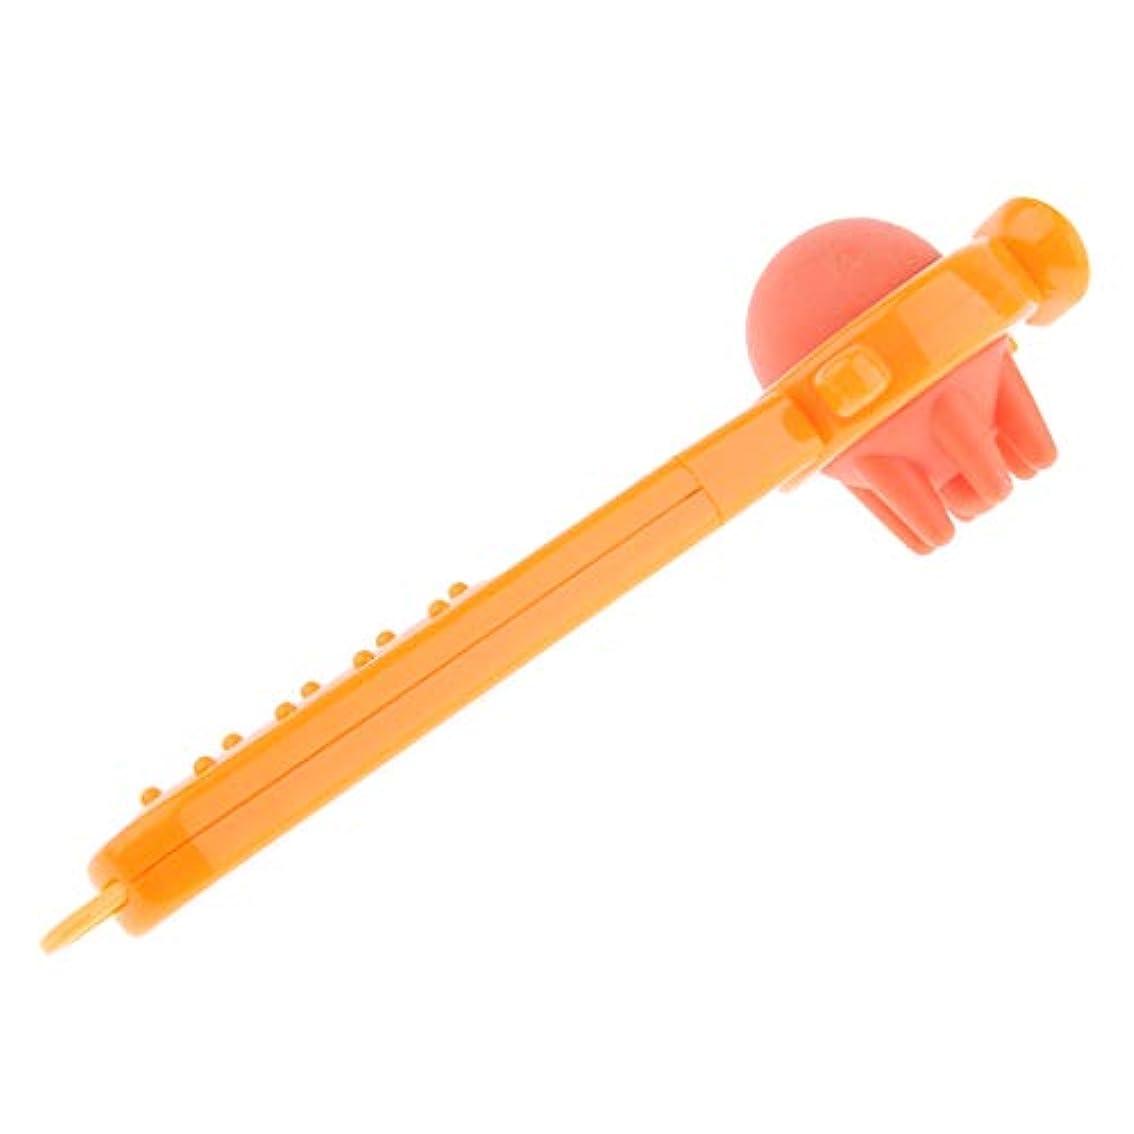 FLAMEER 背中/肩/脚/腕/筋肉 大人気 ツボ押しグッズ マッサージ ハンマー スティック 健康器具 オレンジ